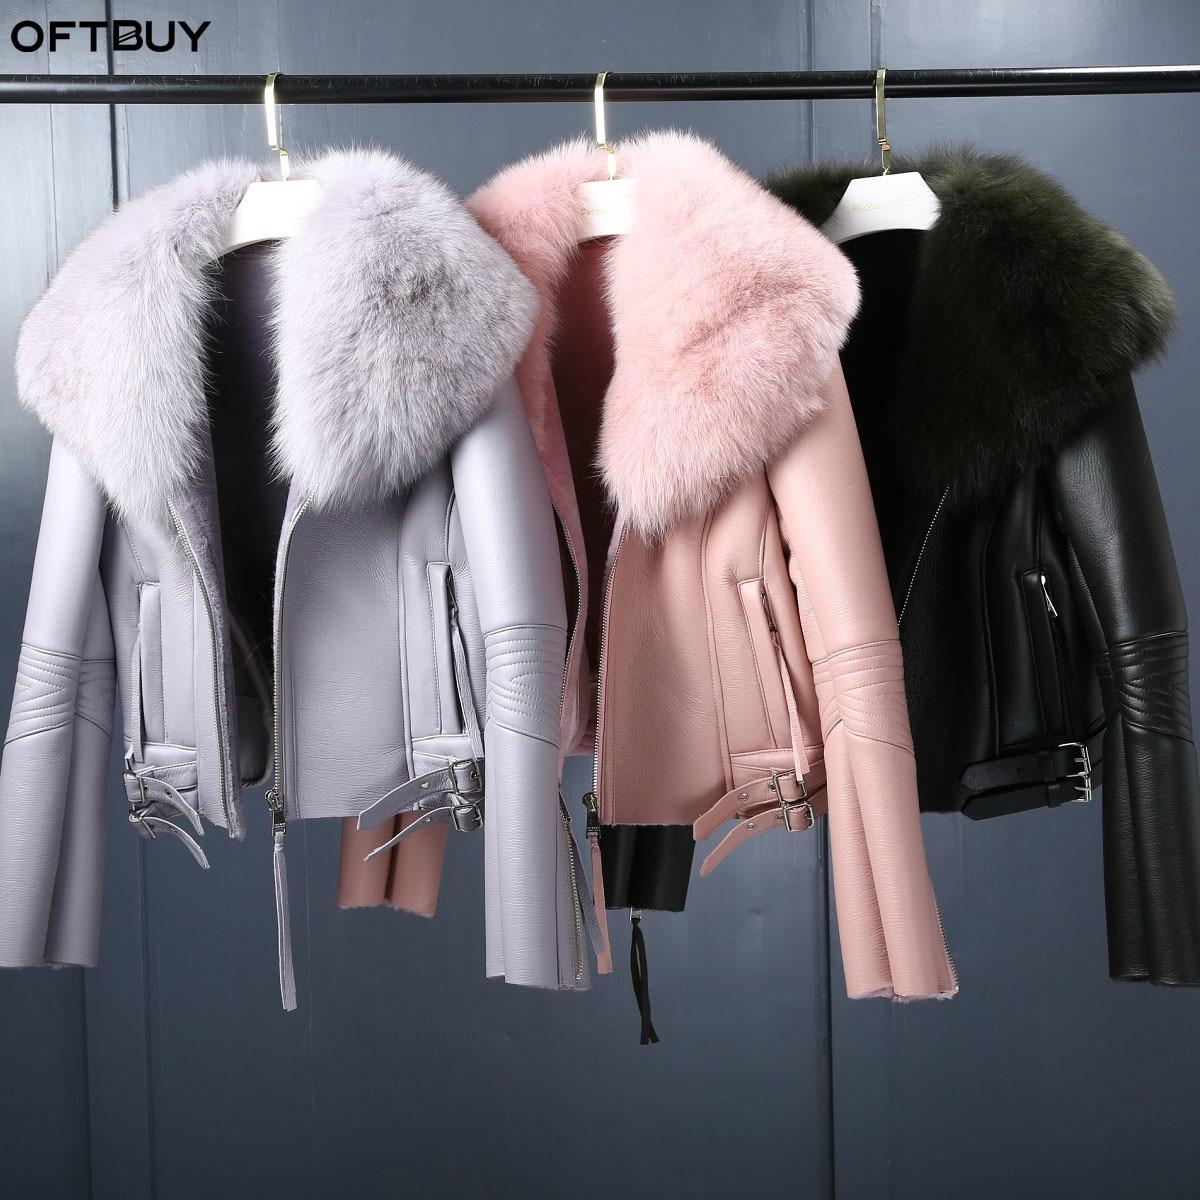 Oftbuy 2020 casaco de pele real casaco de inverno feminino natural gola de pele de raposa forro de lã real pu couro falso grosso quente streetwearPele verdadeira   -